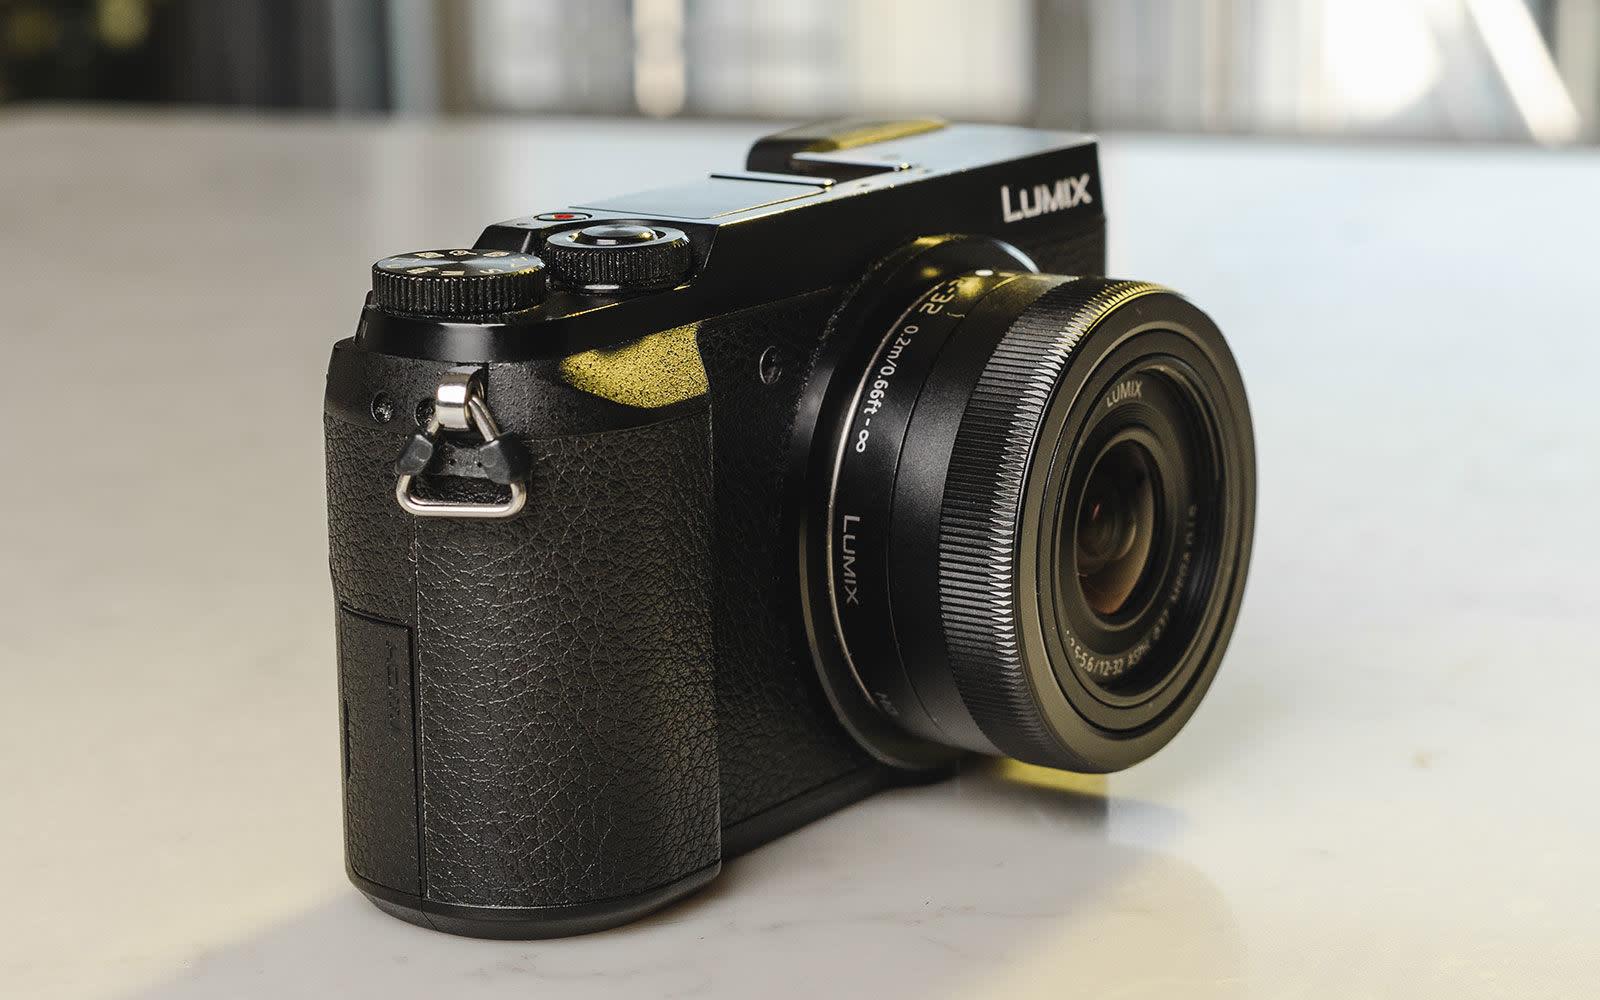 Lumix LX100 II compact APS-C camera